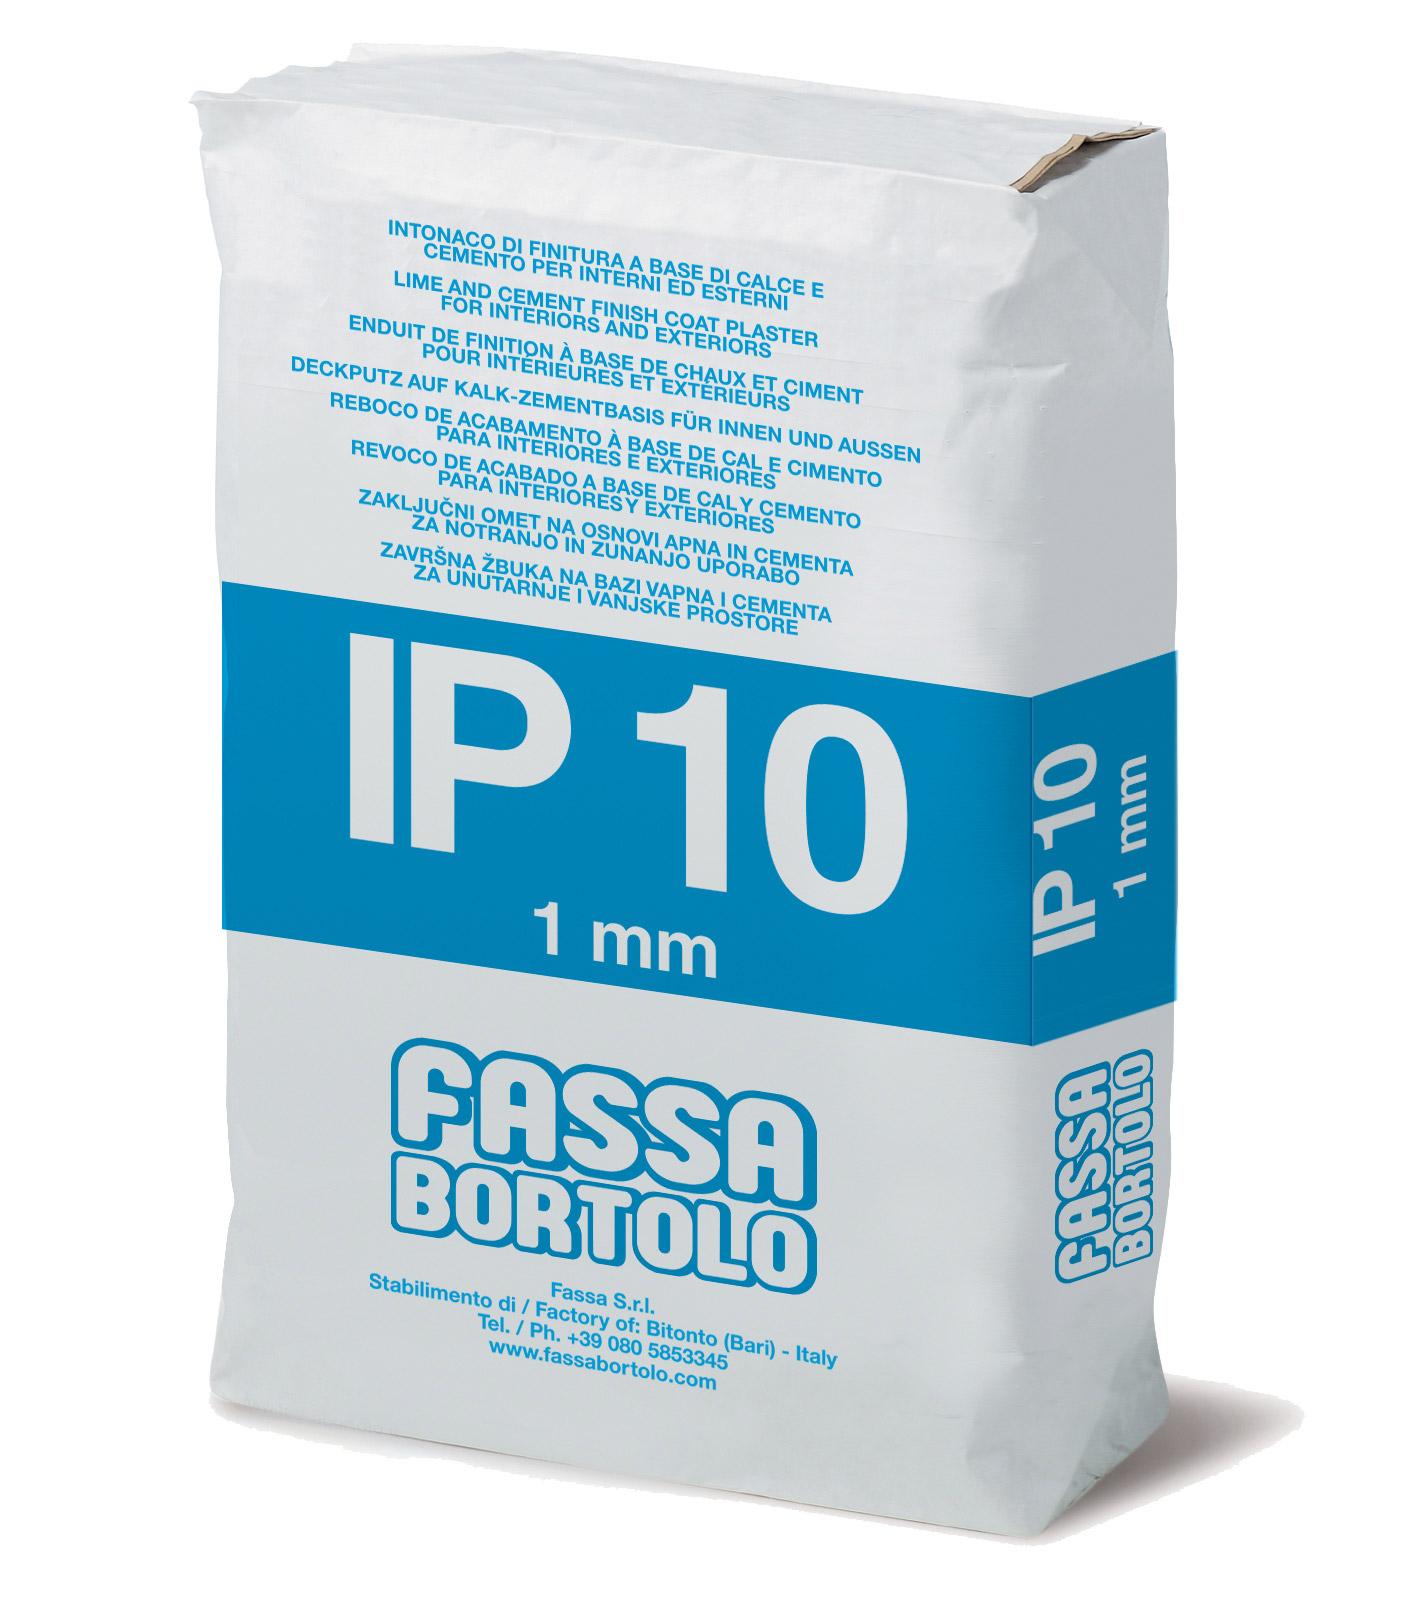 ip 10 intonaco di finitura a base di calce e cemento per